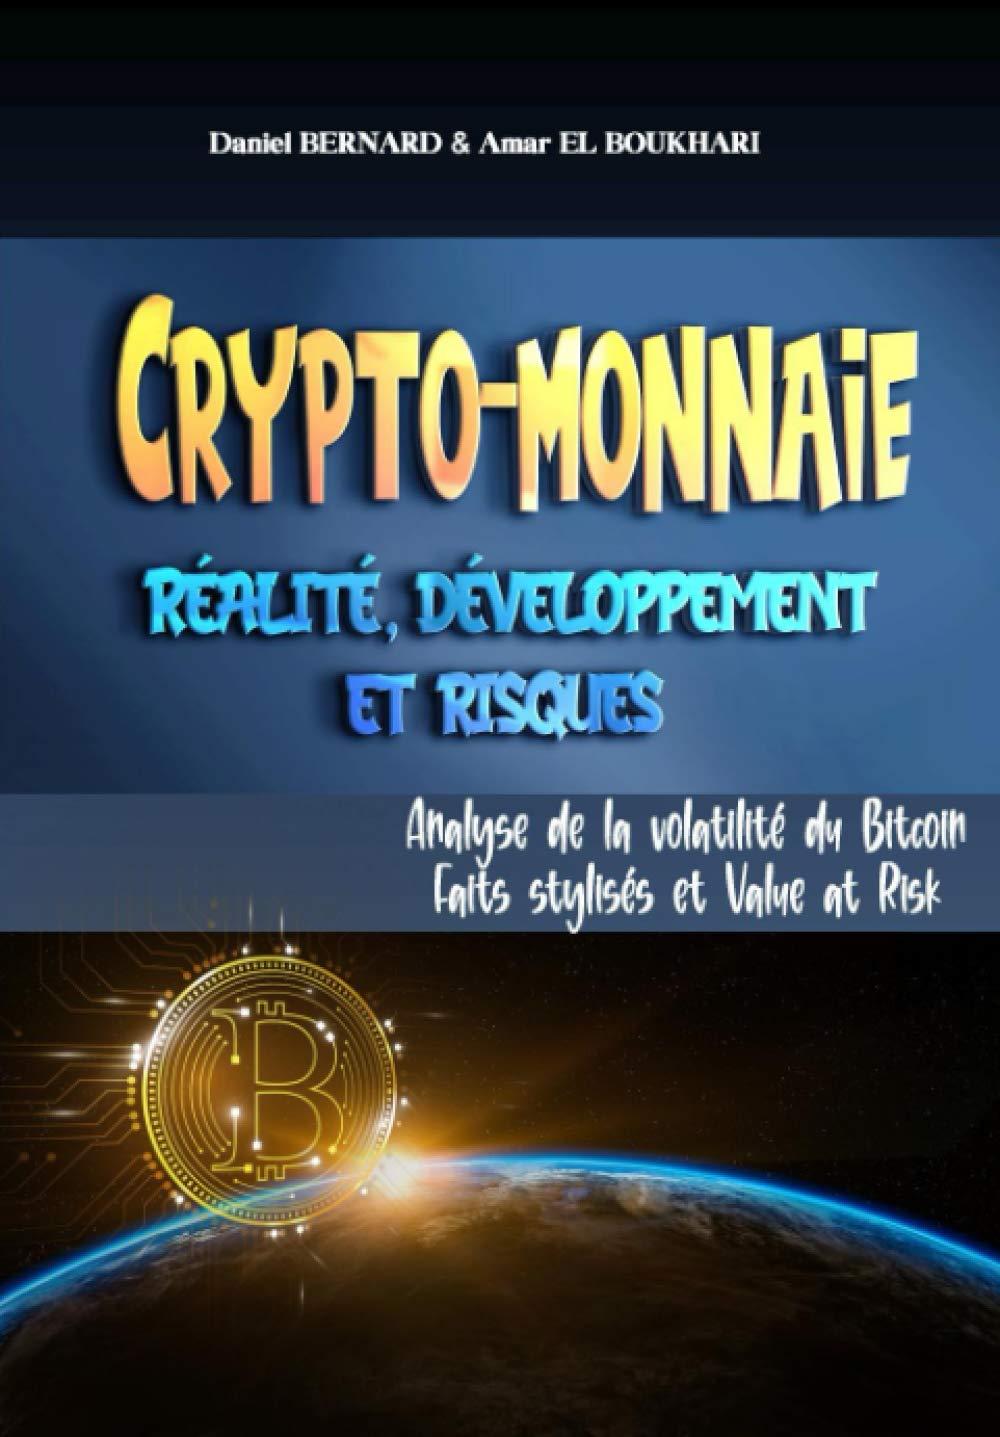 investimento livre em bitcoins ainda está negociando em dinheiro bitcoin